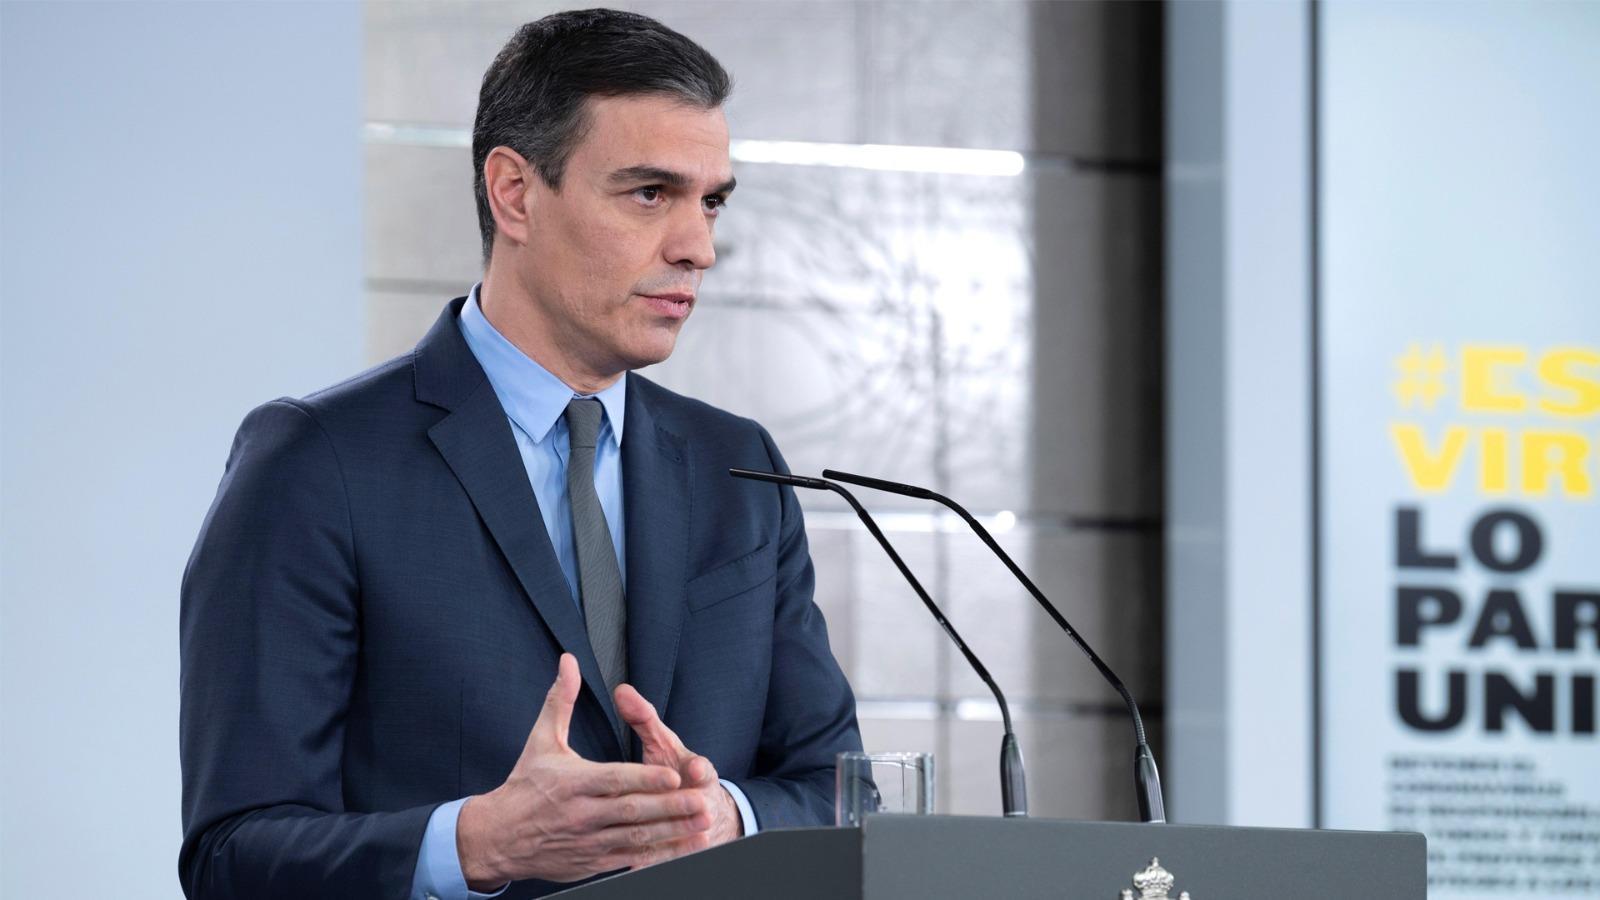 Caos de la Moncloa amb el BOE i a Catalunya comencen les dues pitjors setmanes per a les UCI: les claus del dia, amb Antoni Bassas (30/03/2020)